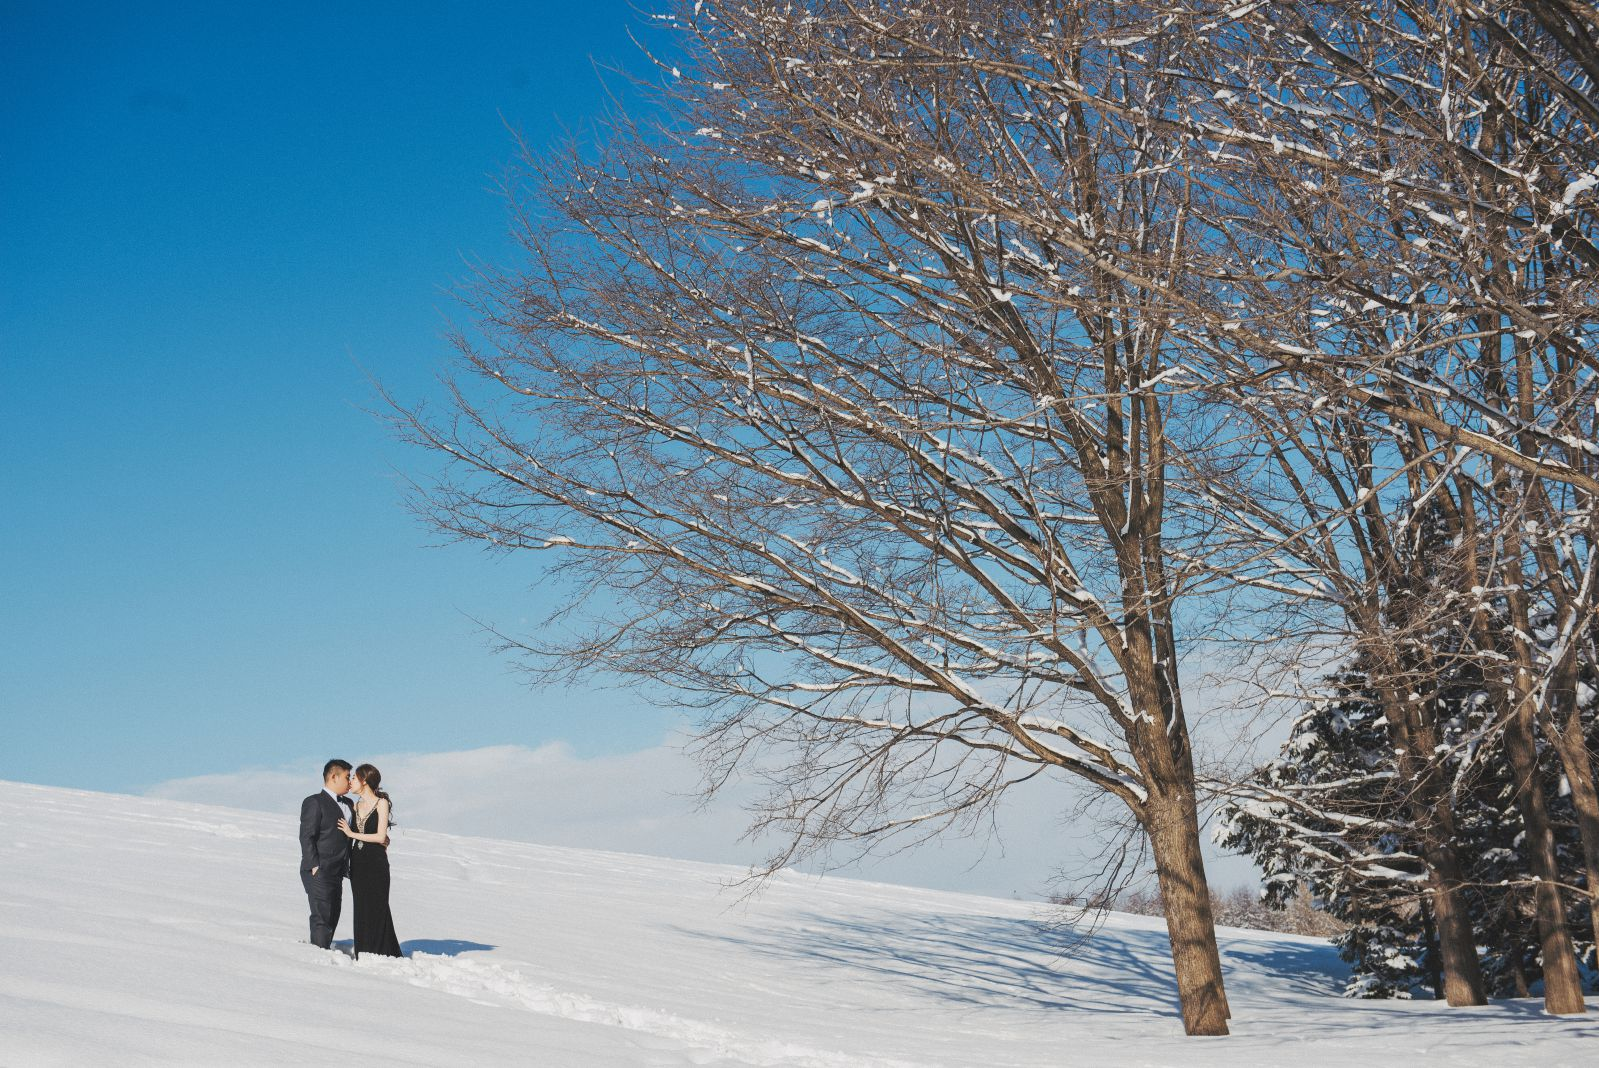 雪地婚紗,北海道冬季婚紗2019